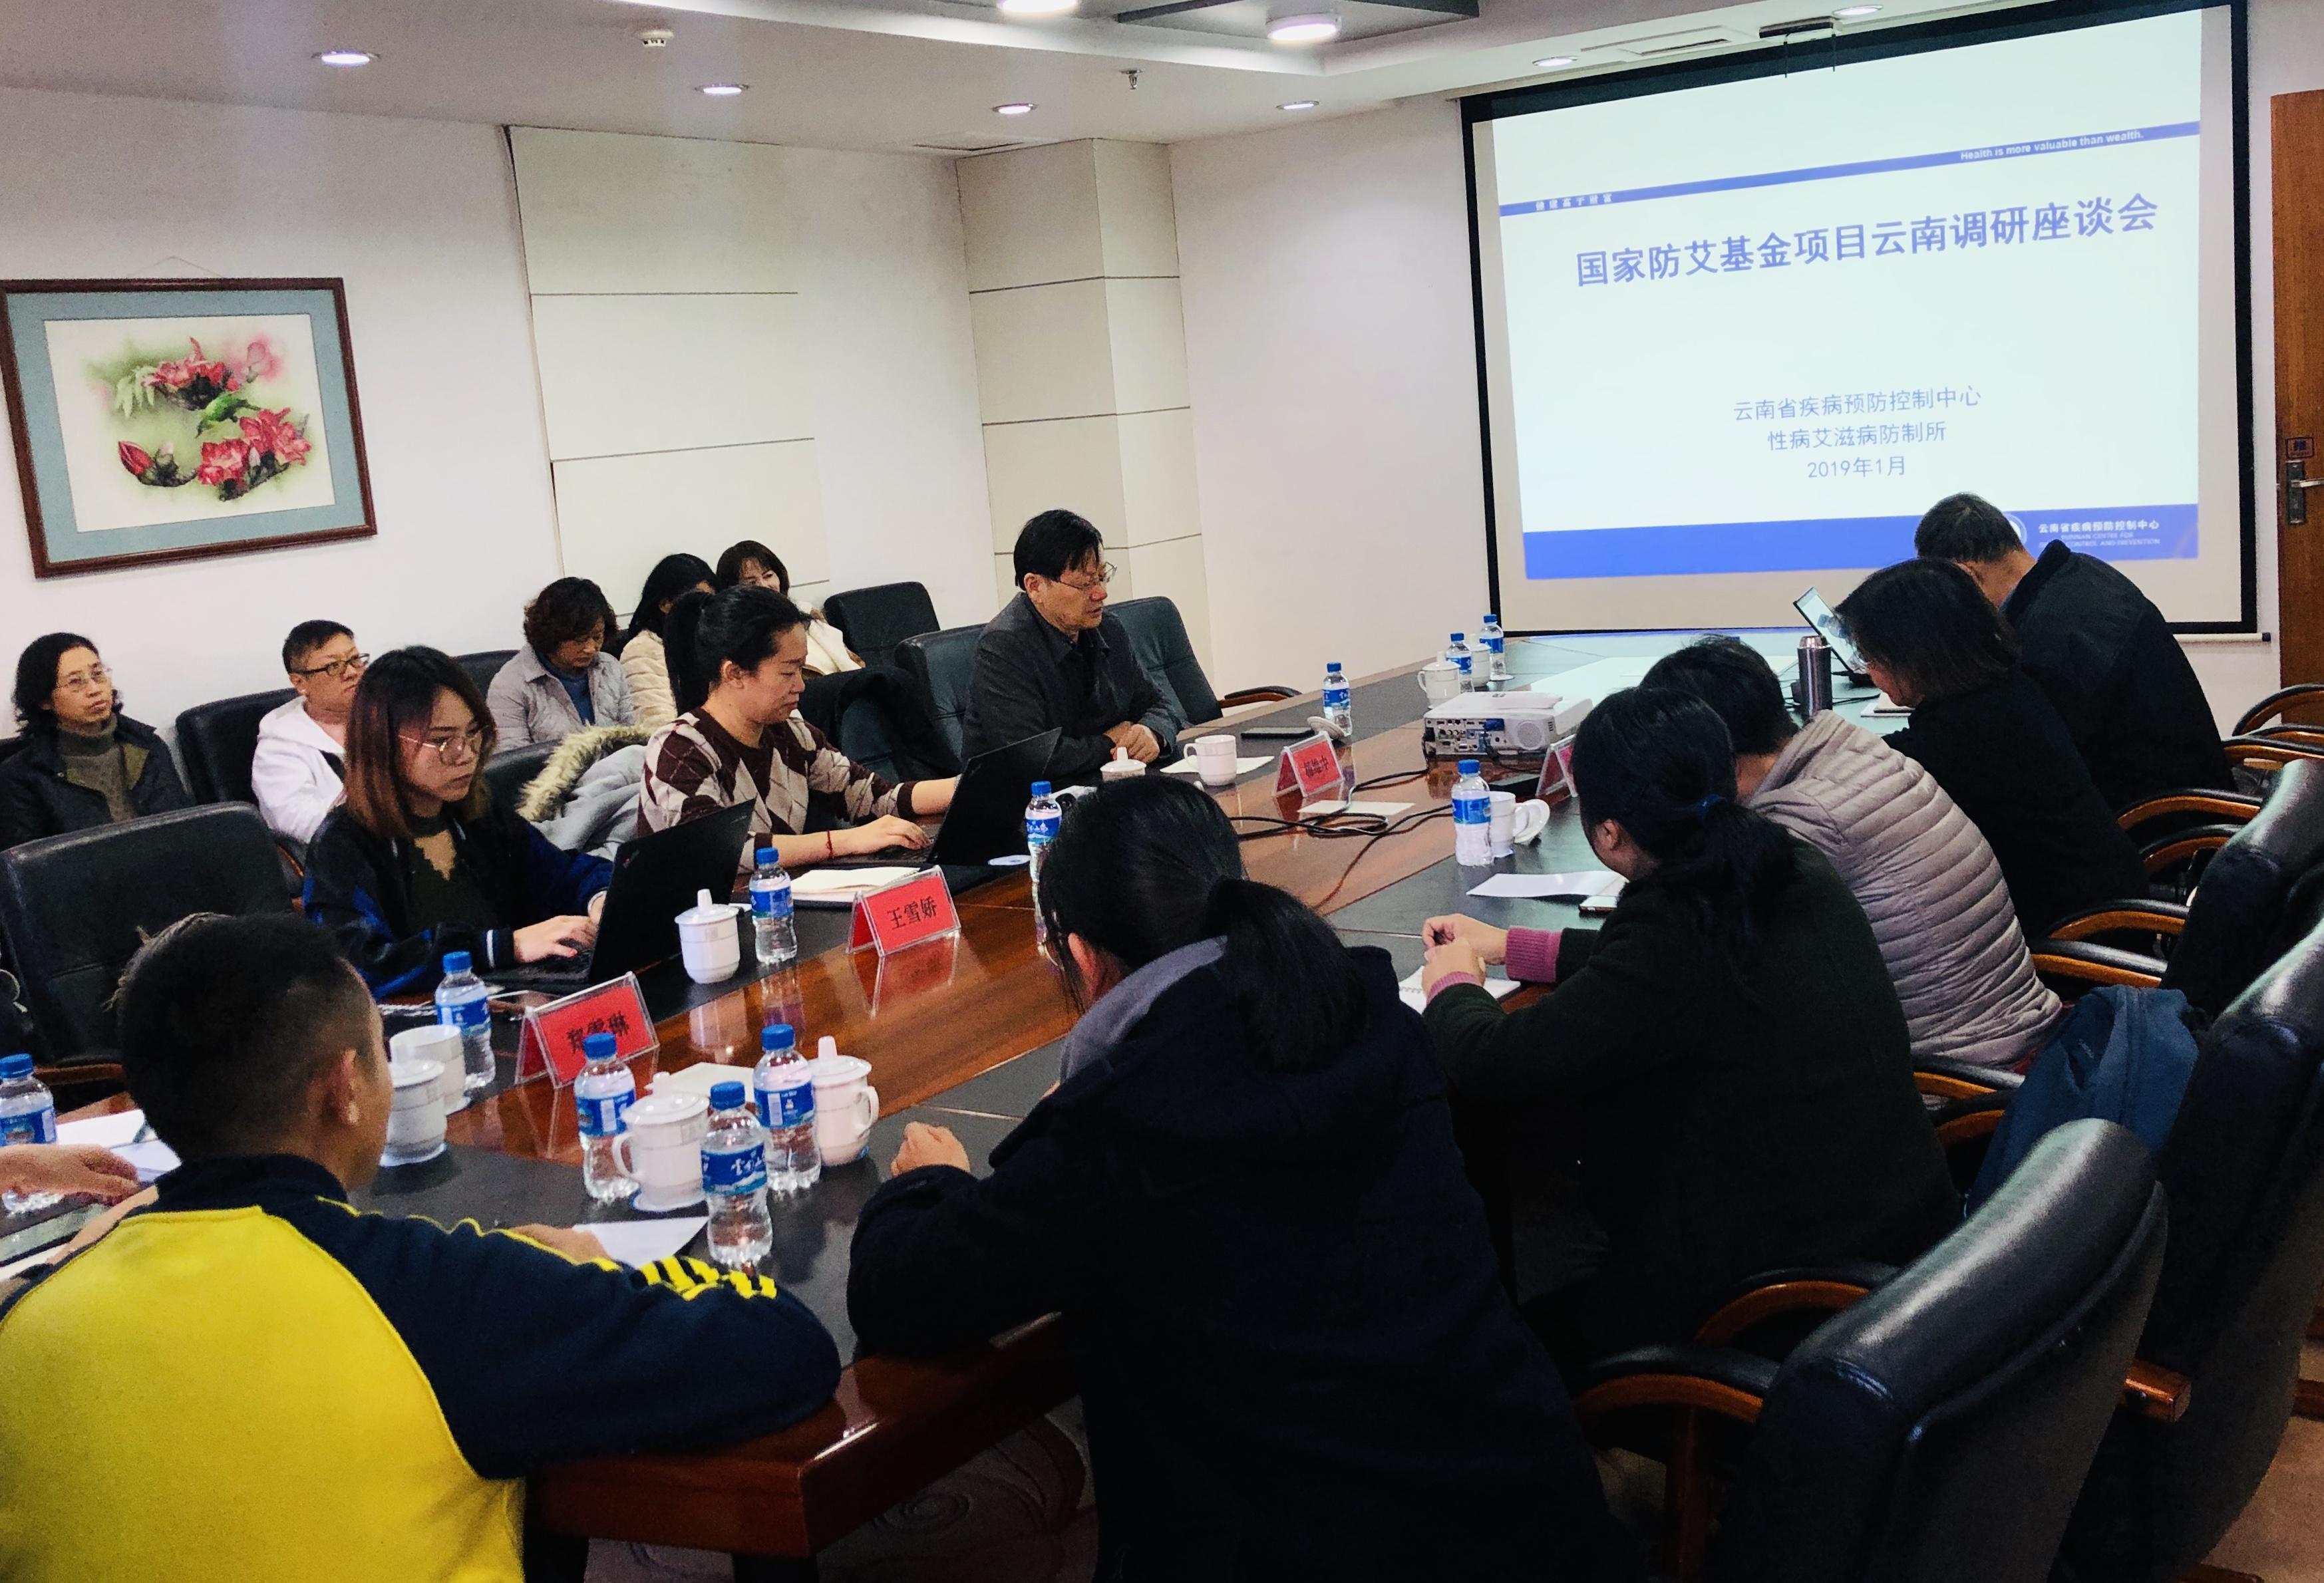 基金办赴云南省开展工作调研及项目验收复核工作